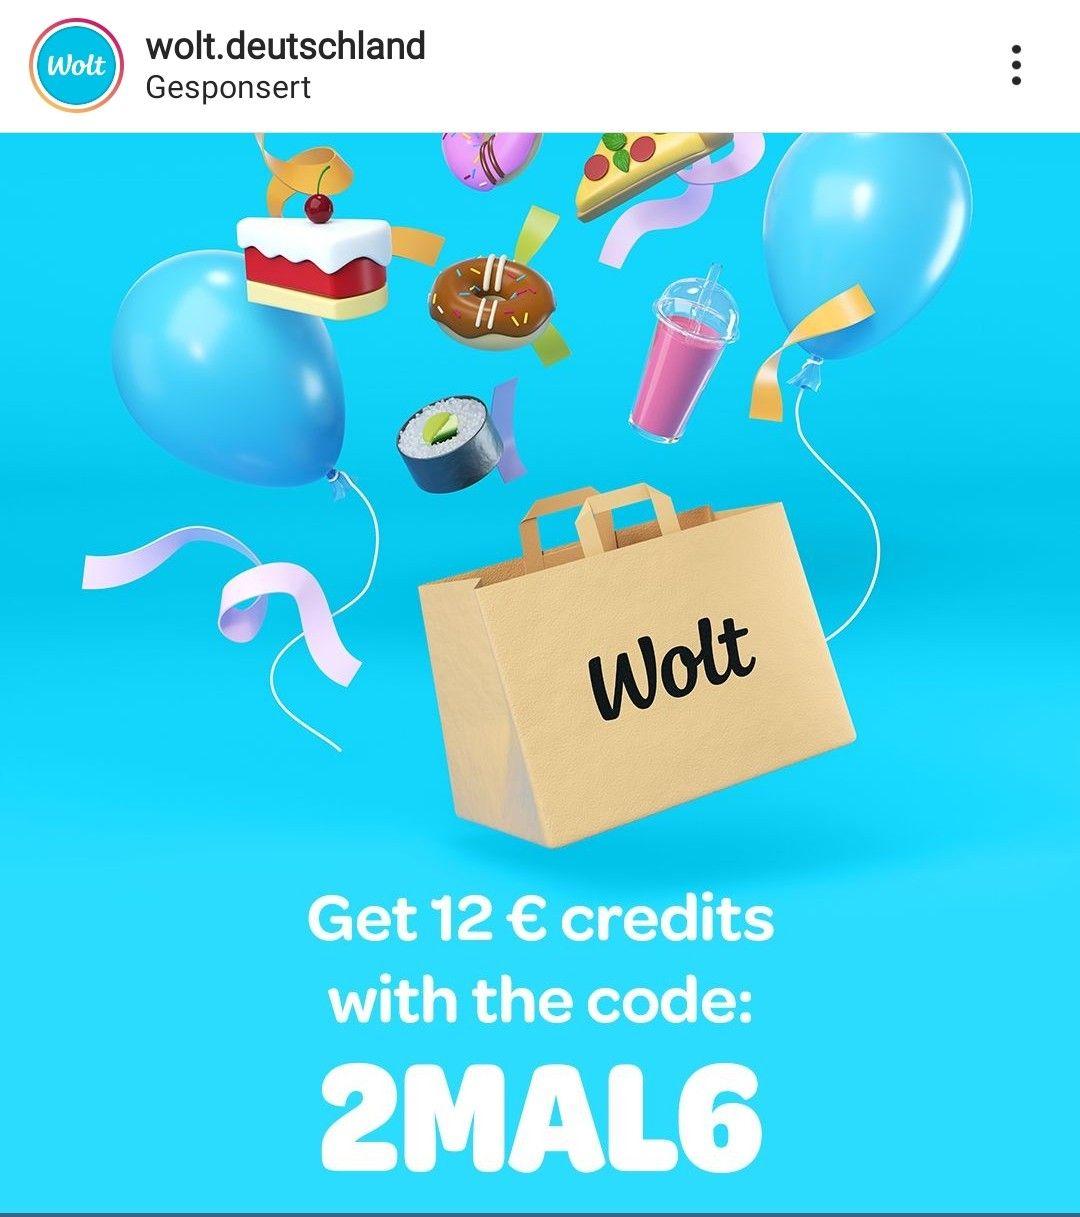 Wolt - 6 Euro Coupon für die ersten beiden Bestellungen